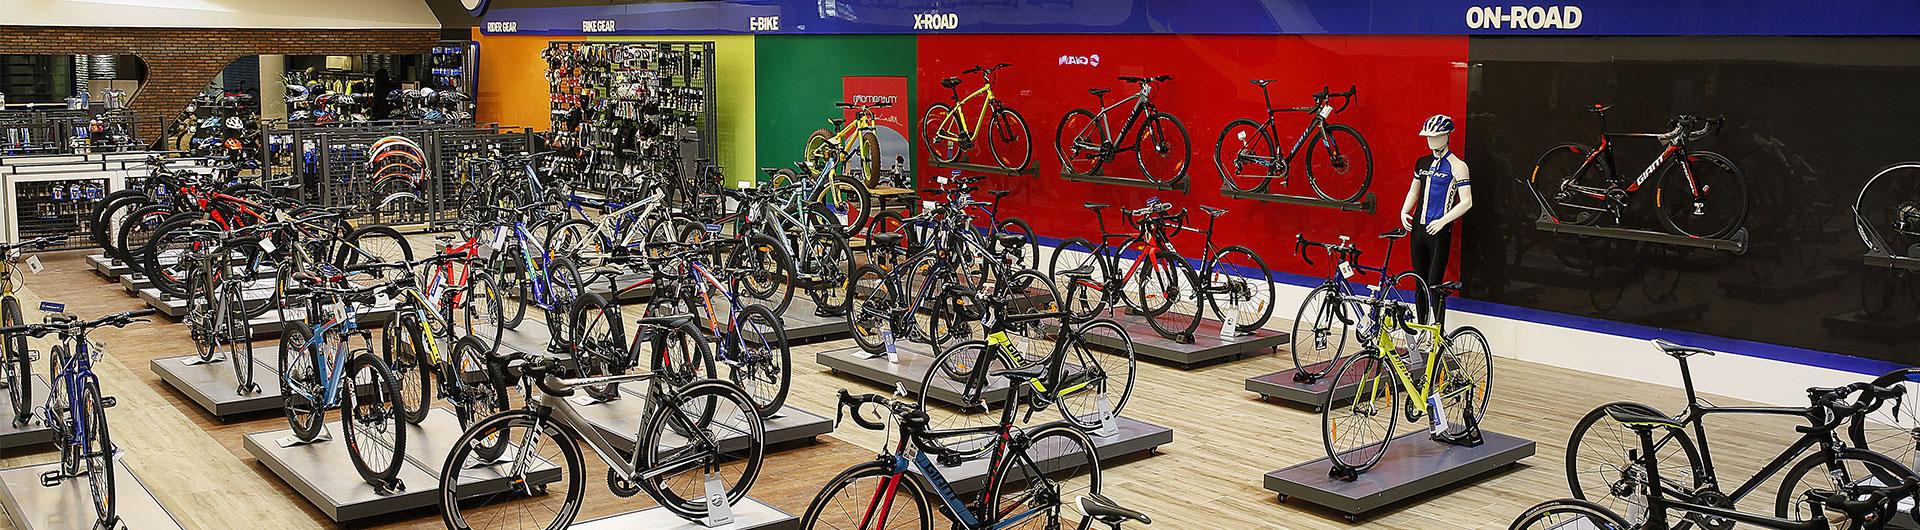 نمایشگاه-دوچرخه-و-لوازم-جاینت-تهران